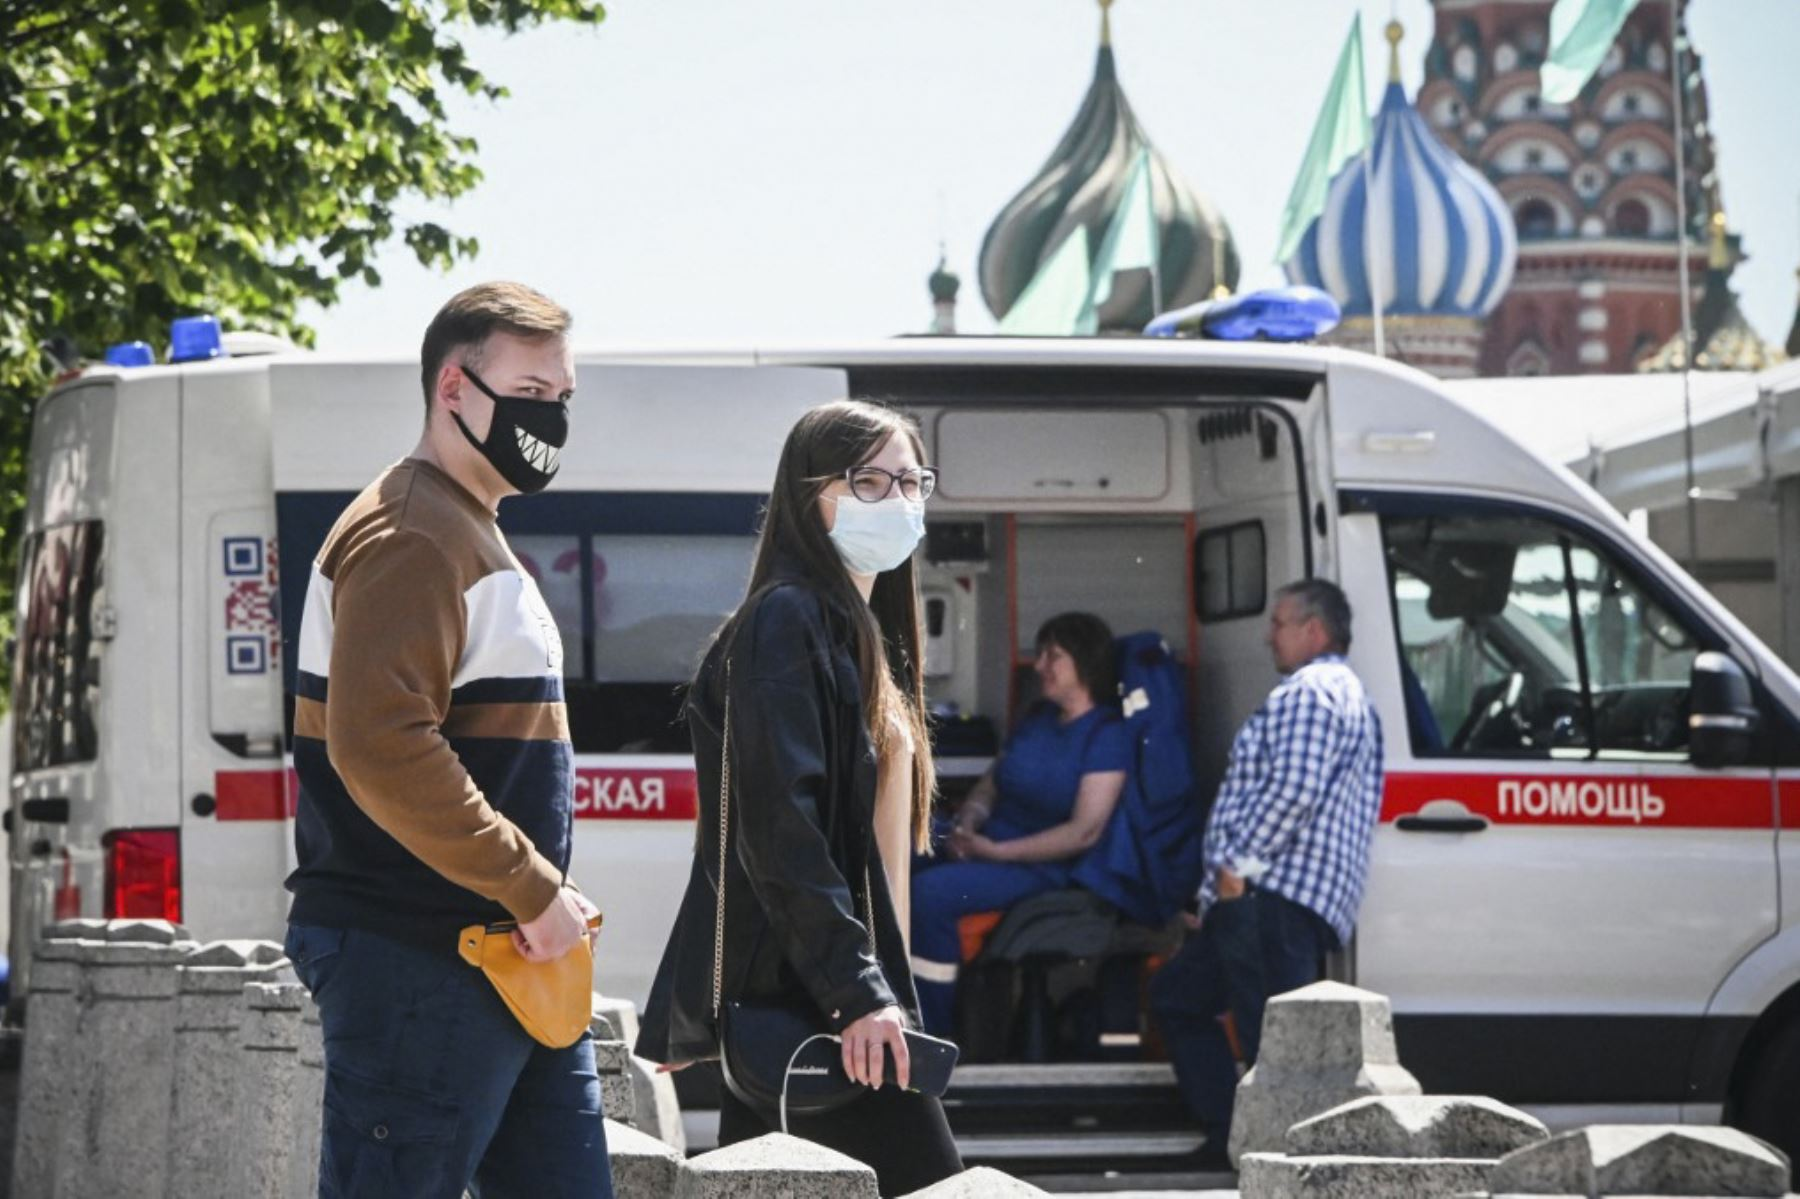 En Moscú se registraron 9.056 nuevos casos de covid-19 en 24 horas, un récord desde el inicio de la epidemia y el triple del nivel registrado hace menos de dos semanas. Foto: AFP